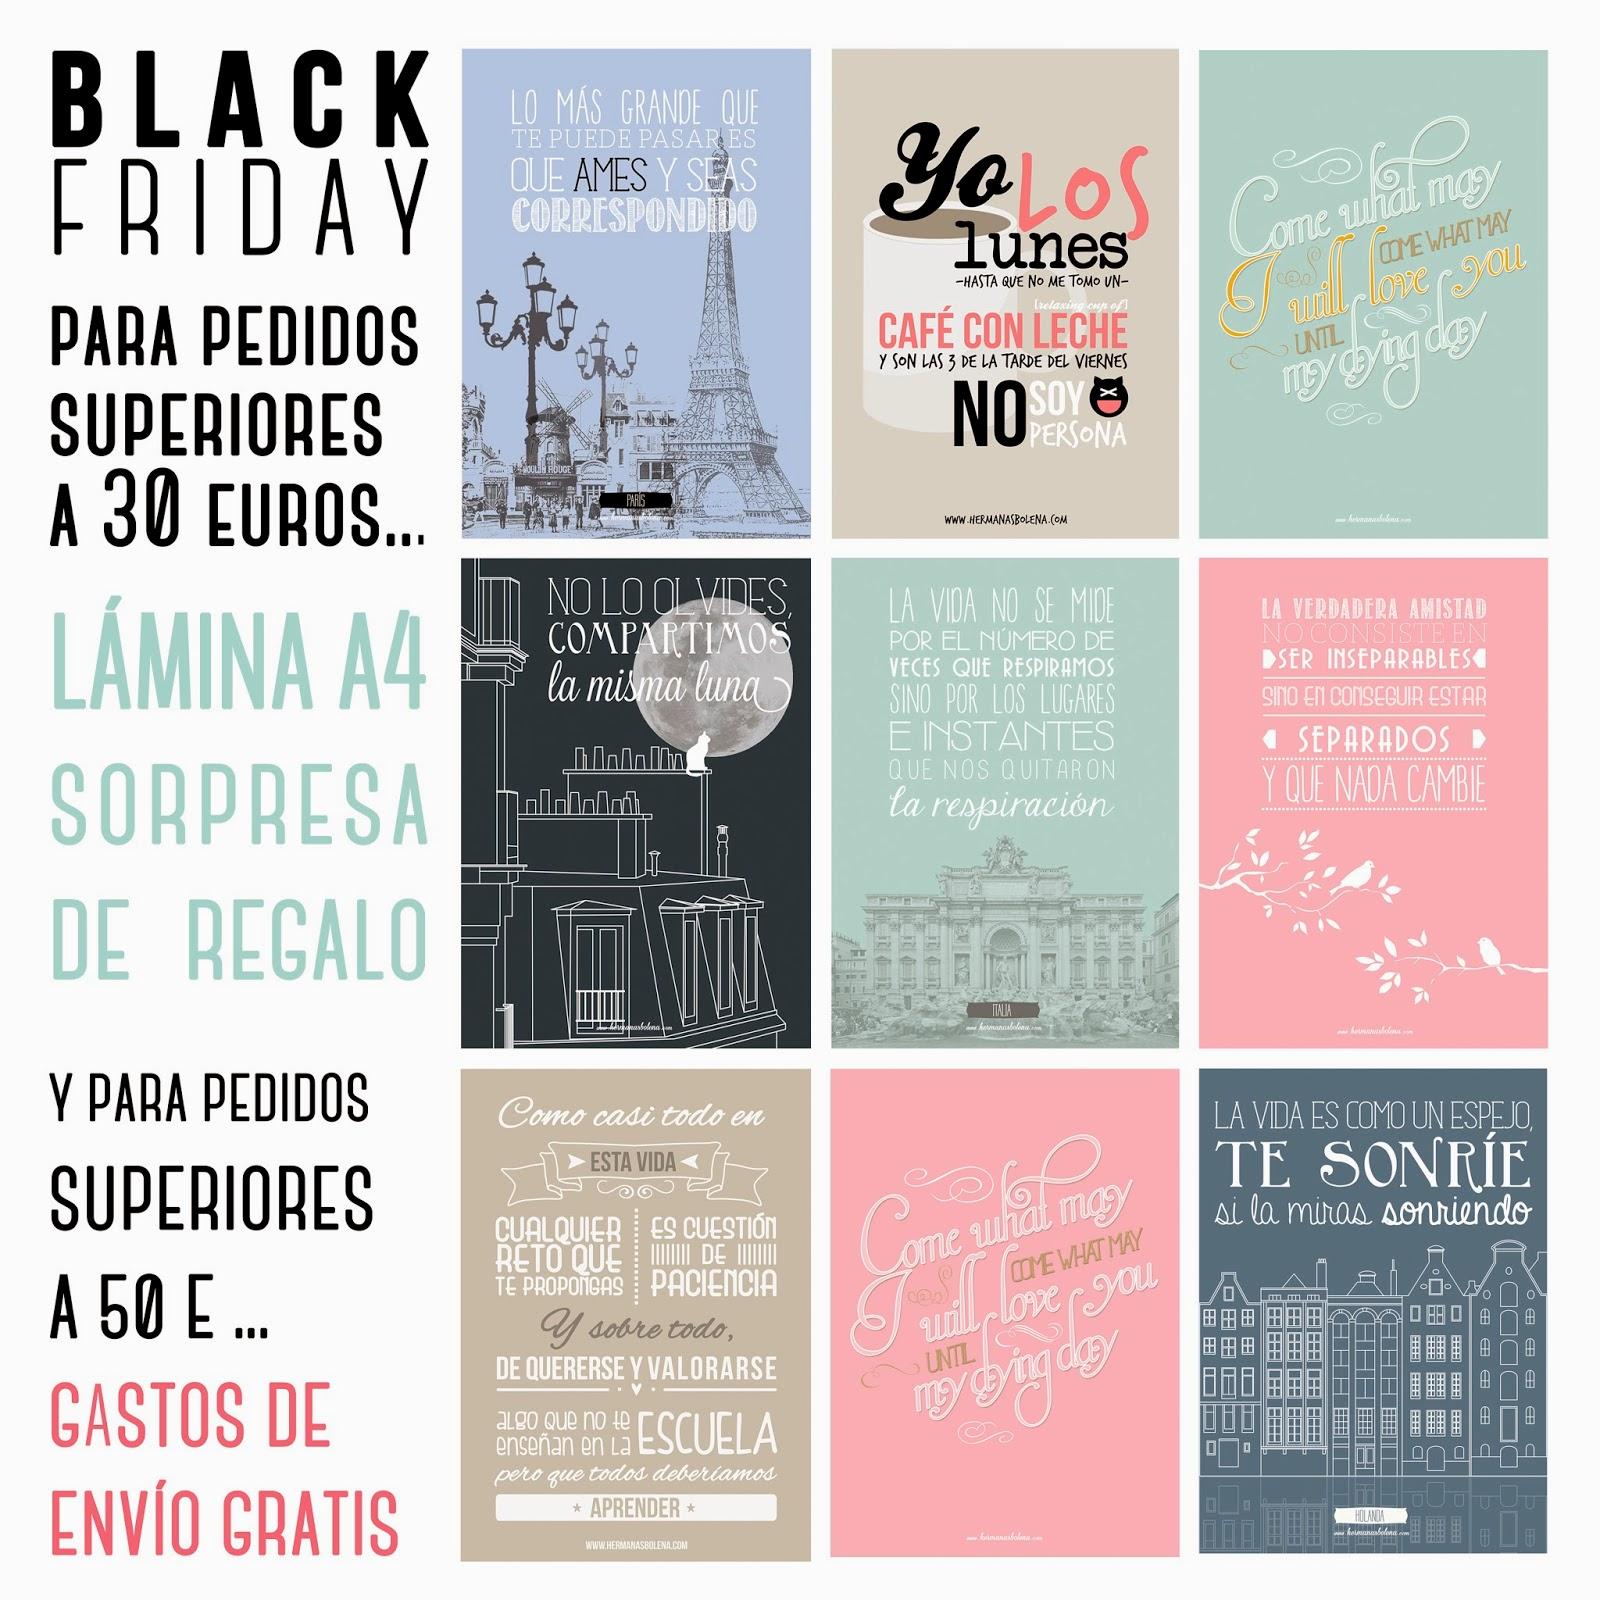 black friday 2014 hermanas bolena